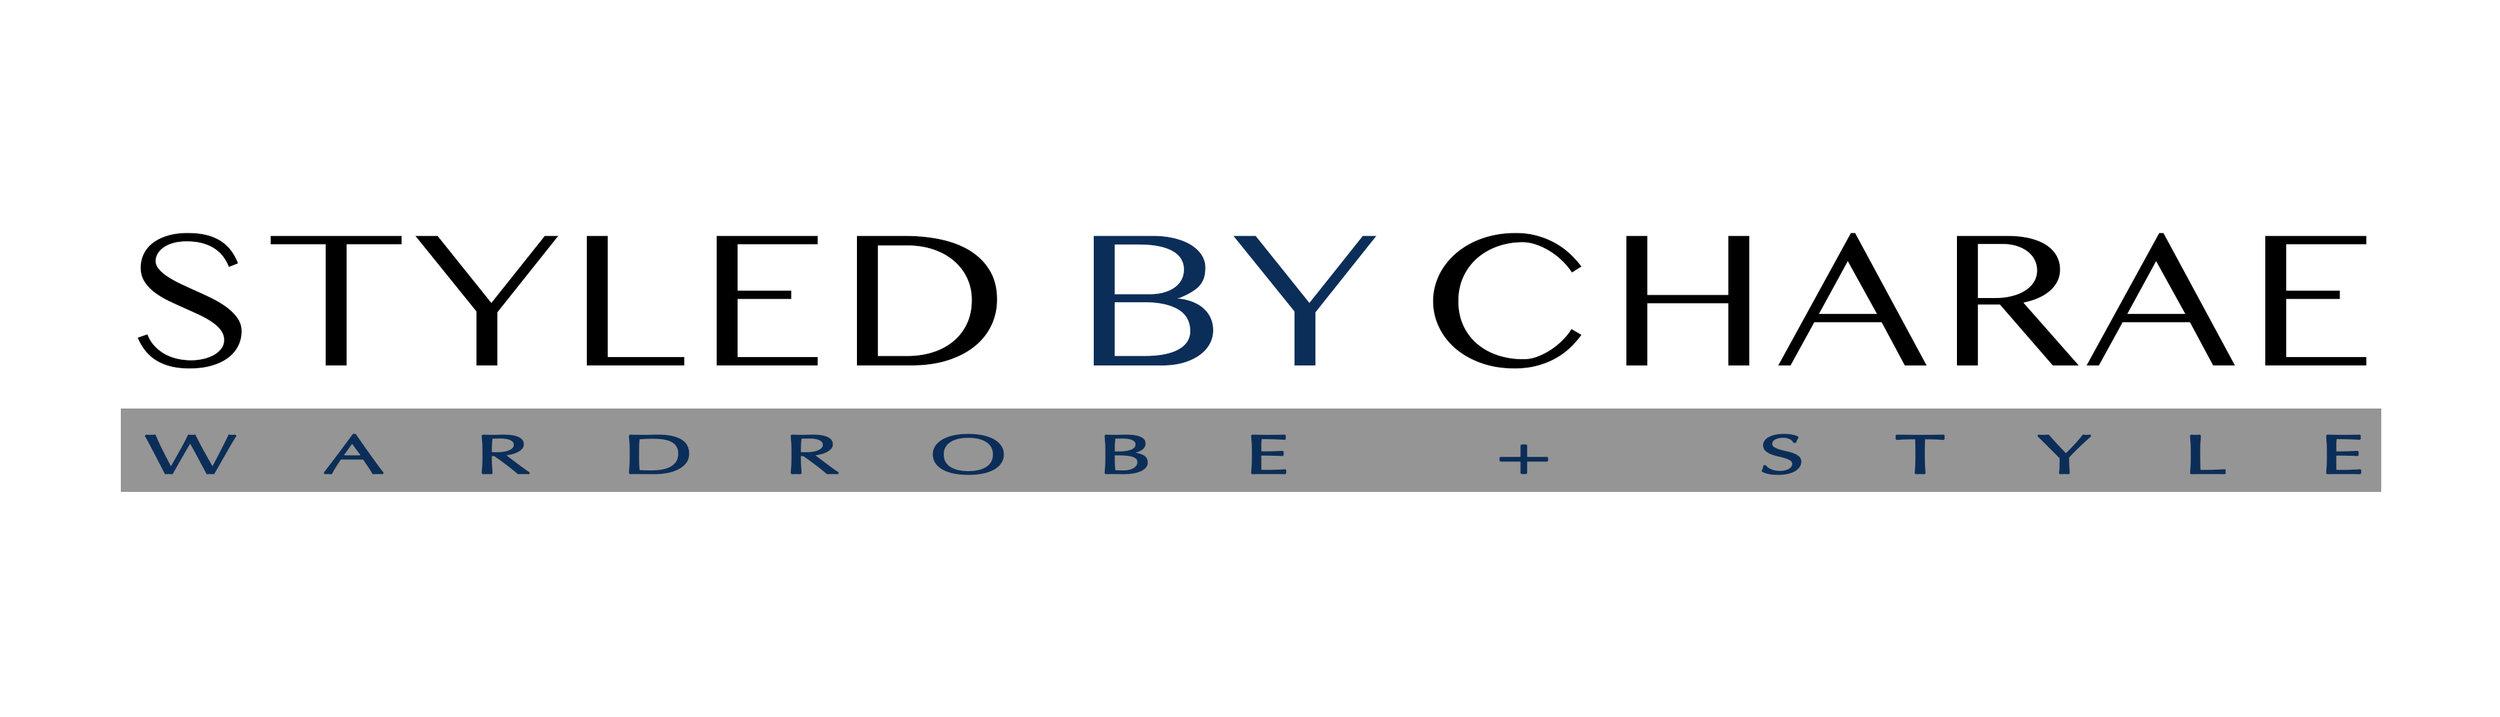 new2018 LOGO StyledByCharae .jpg